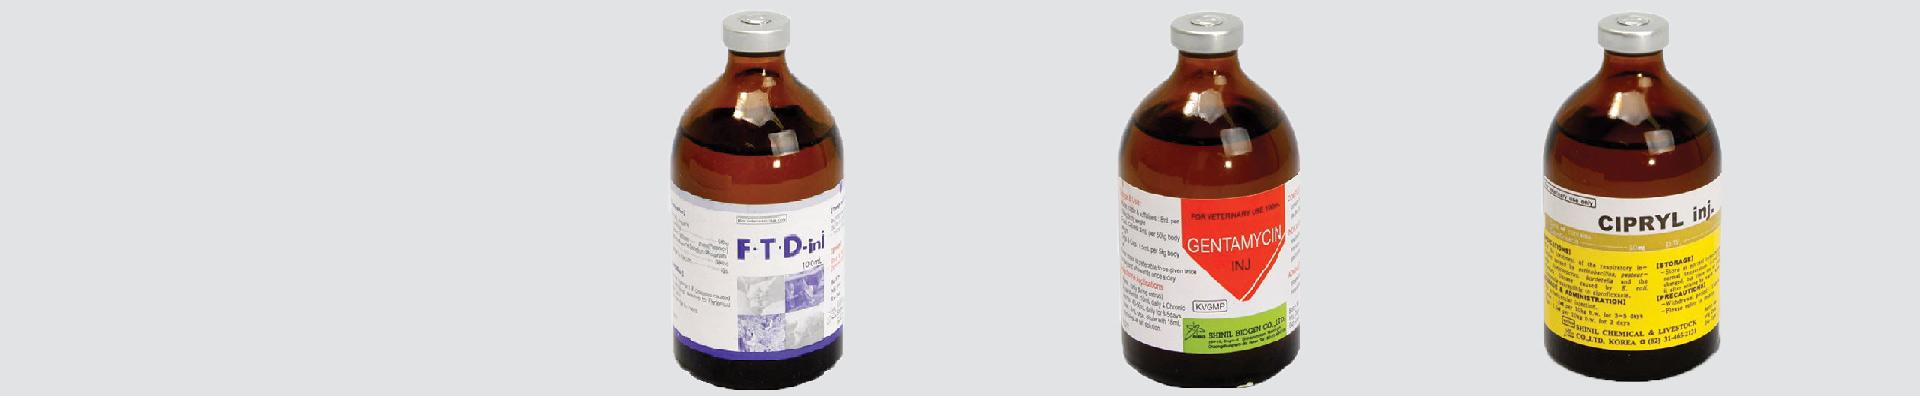 Pharma and Firm